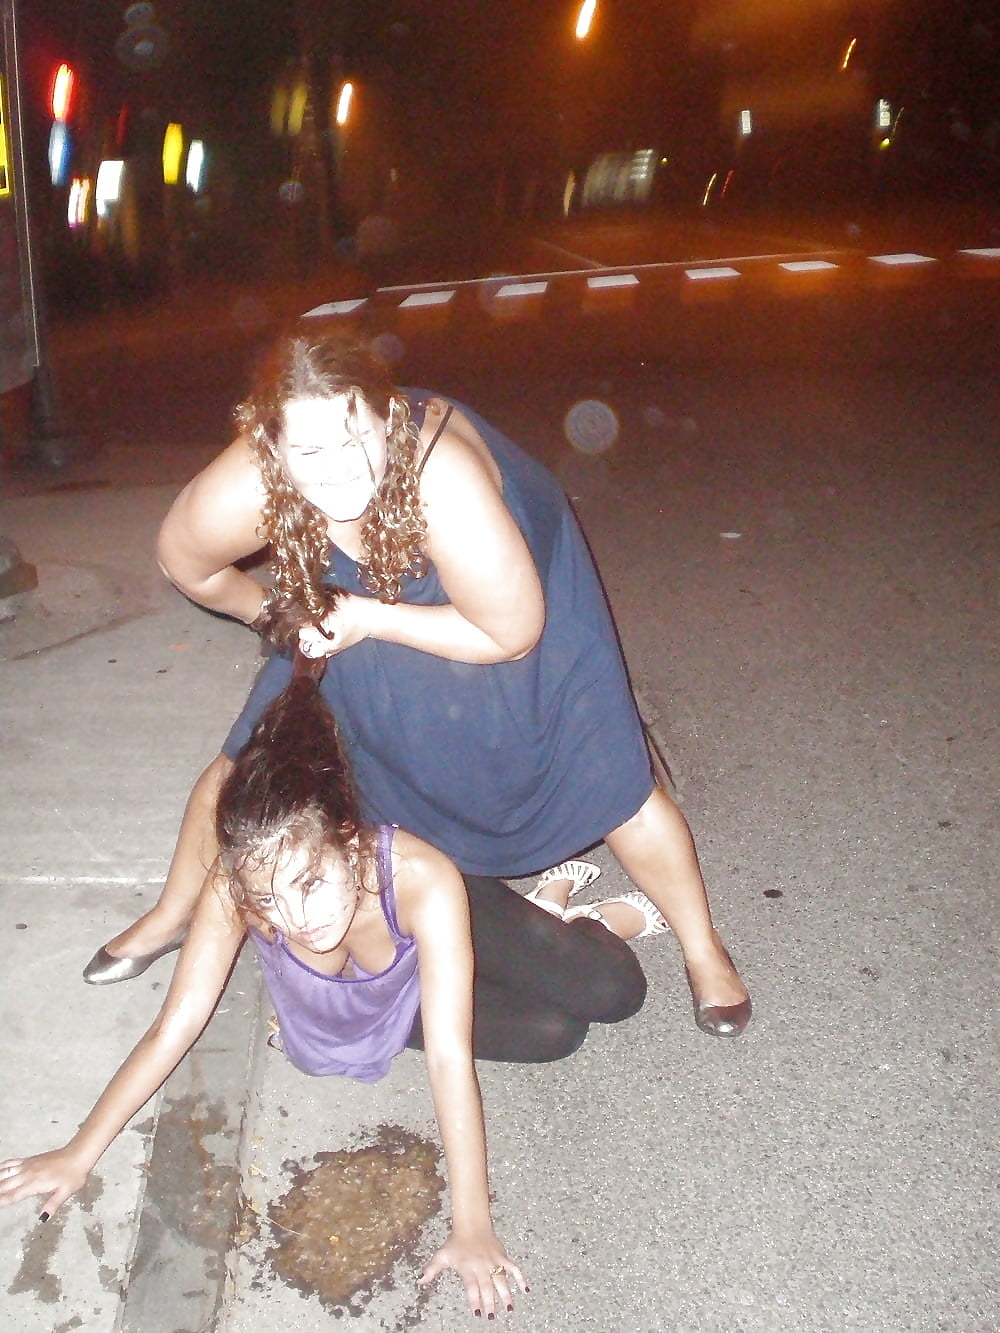 Drunk Girls Flashing